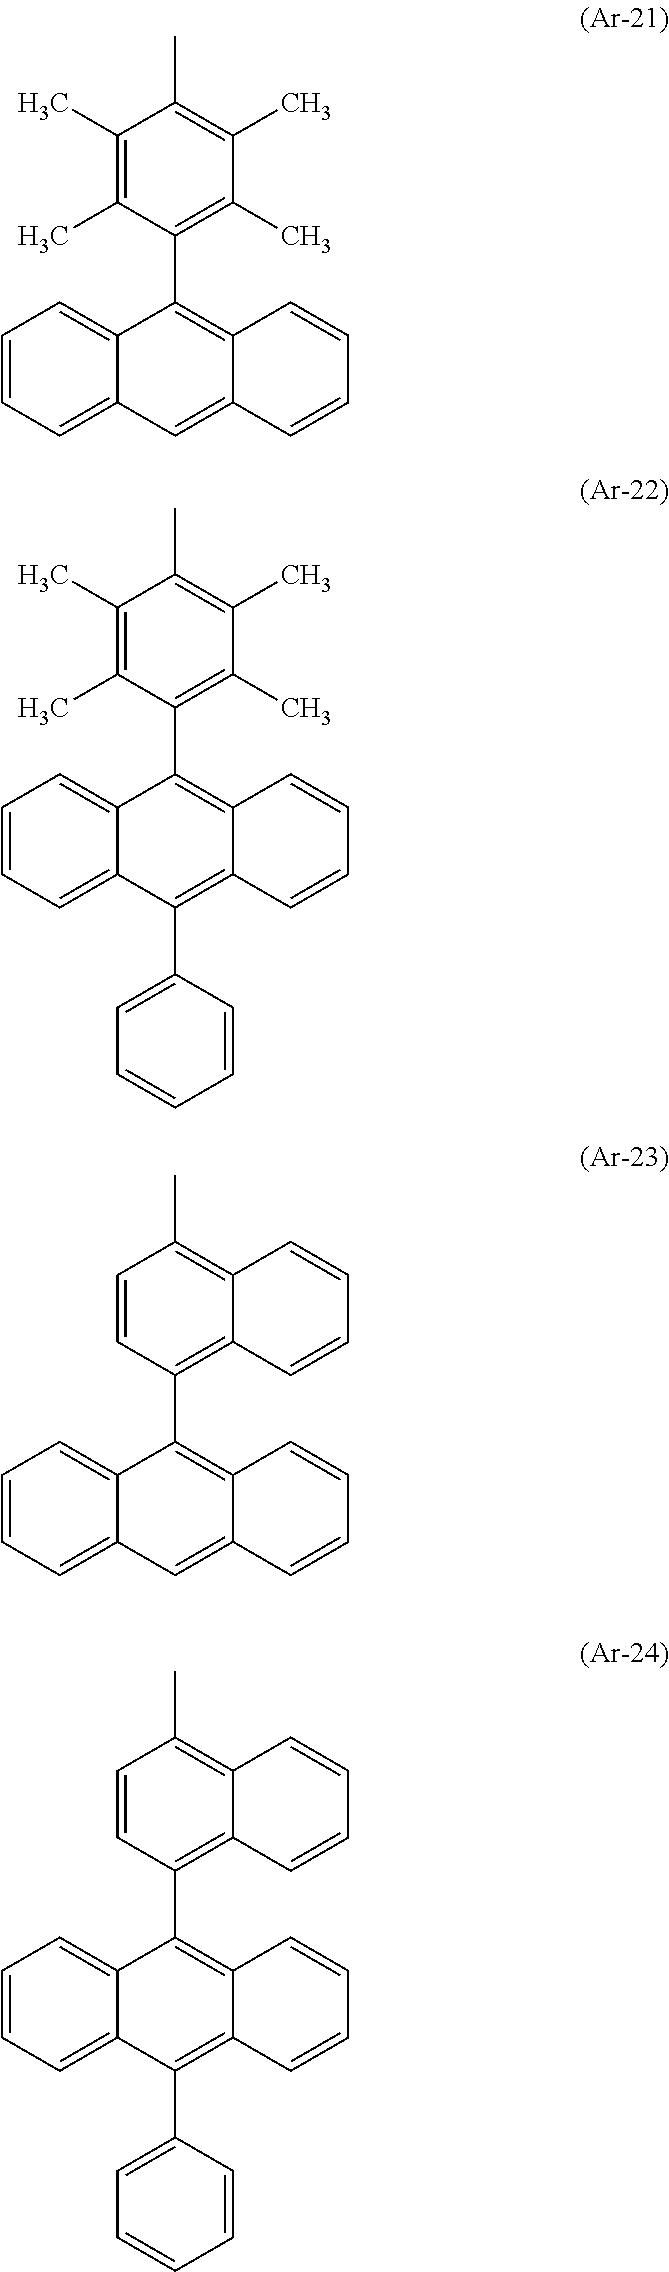 Figure US09240558-20160119-C00021